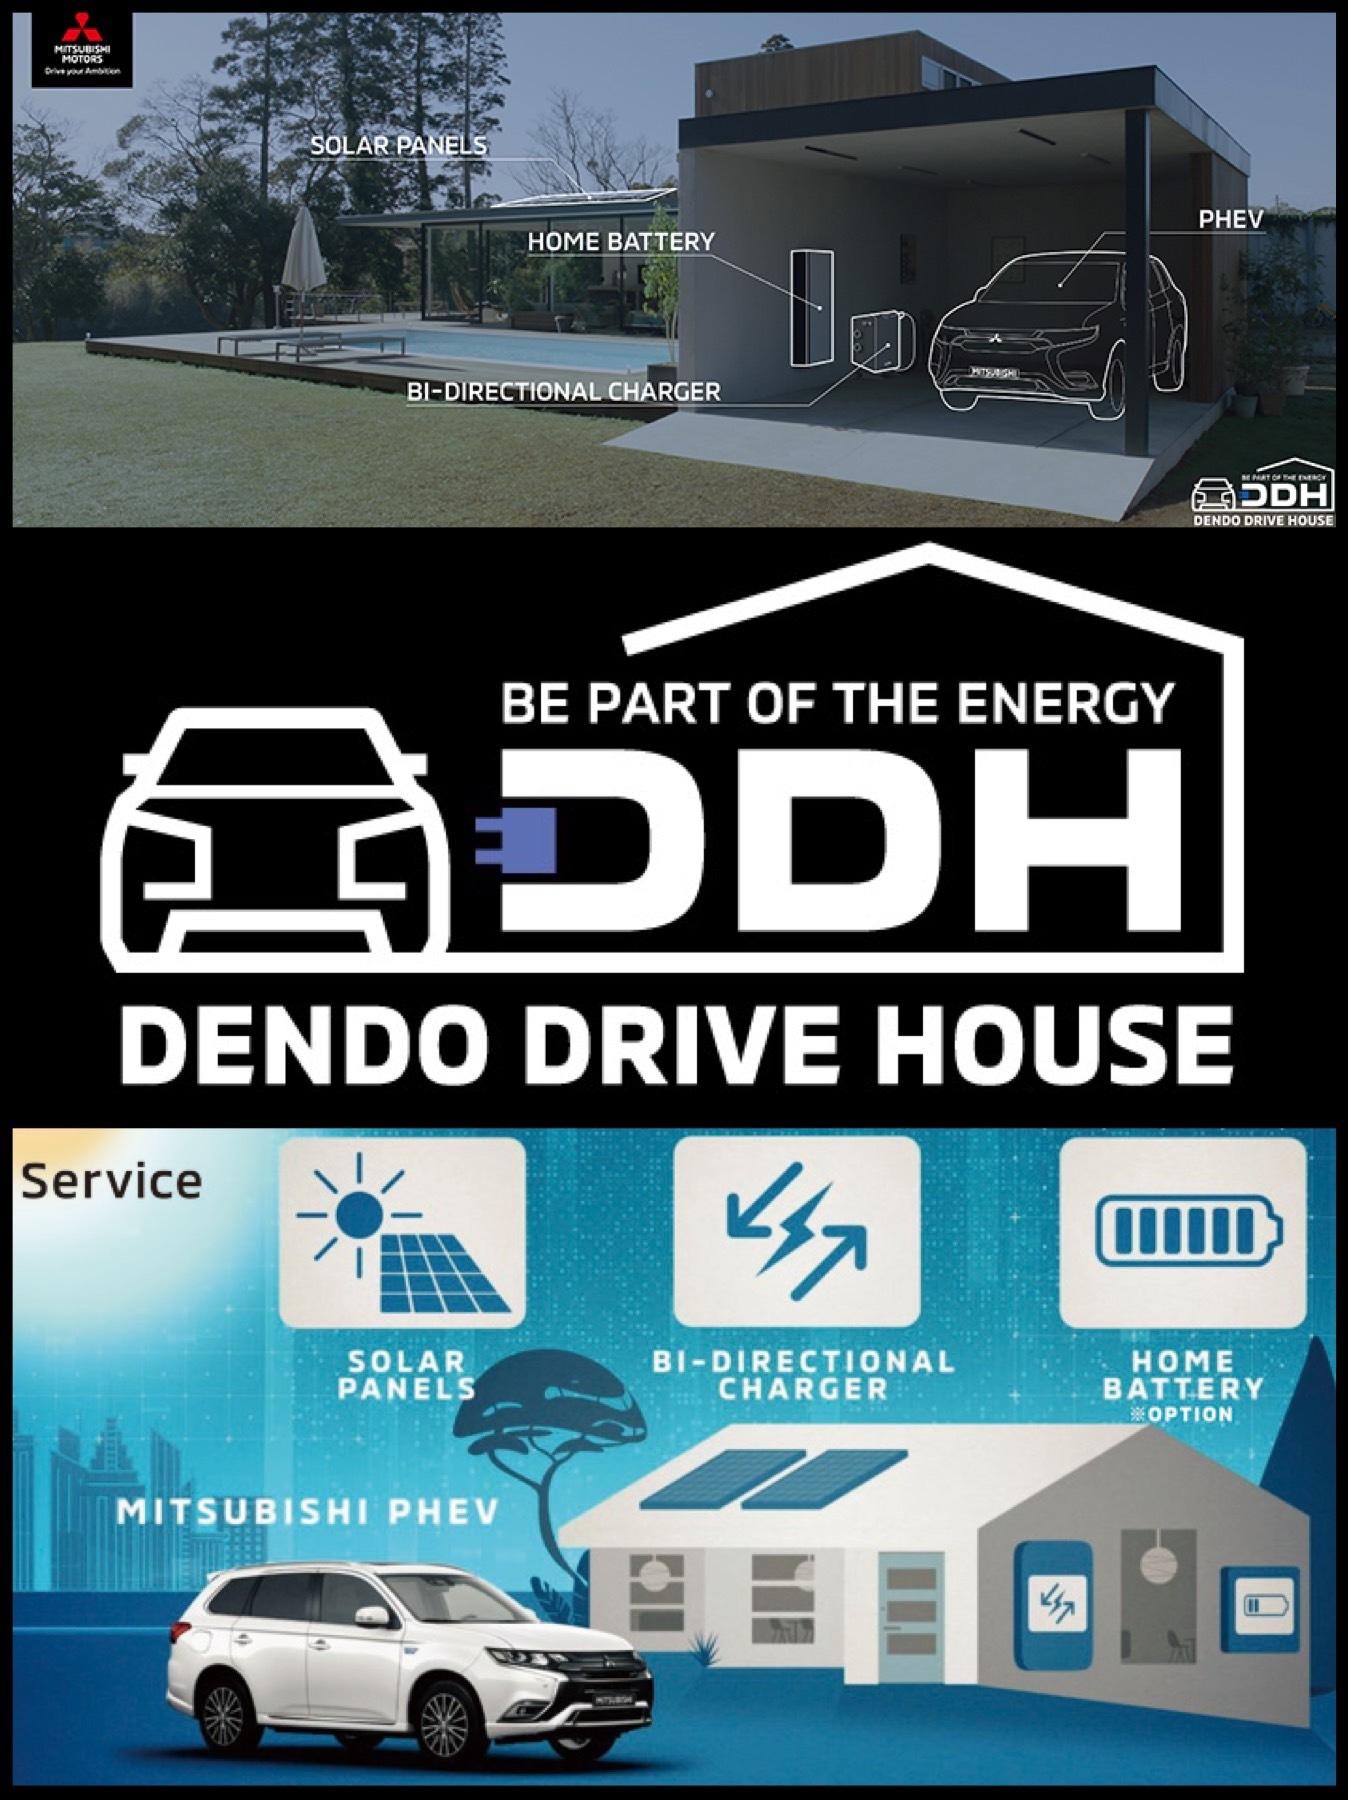 三菱 dendo drive house